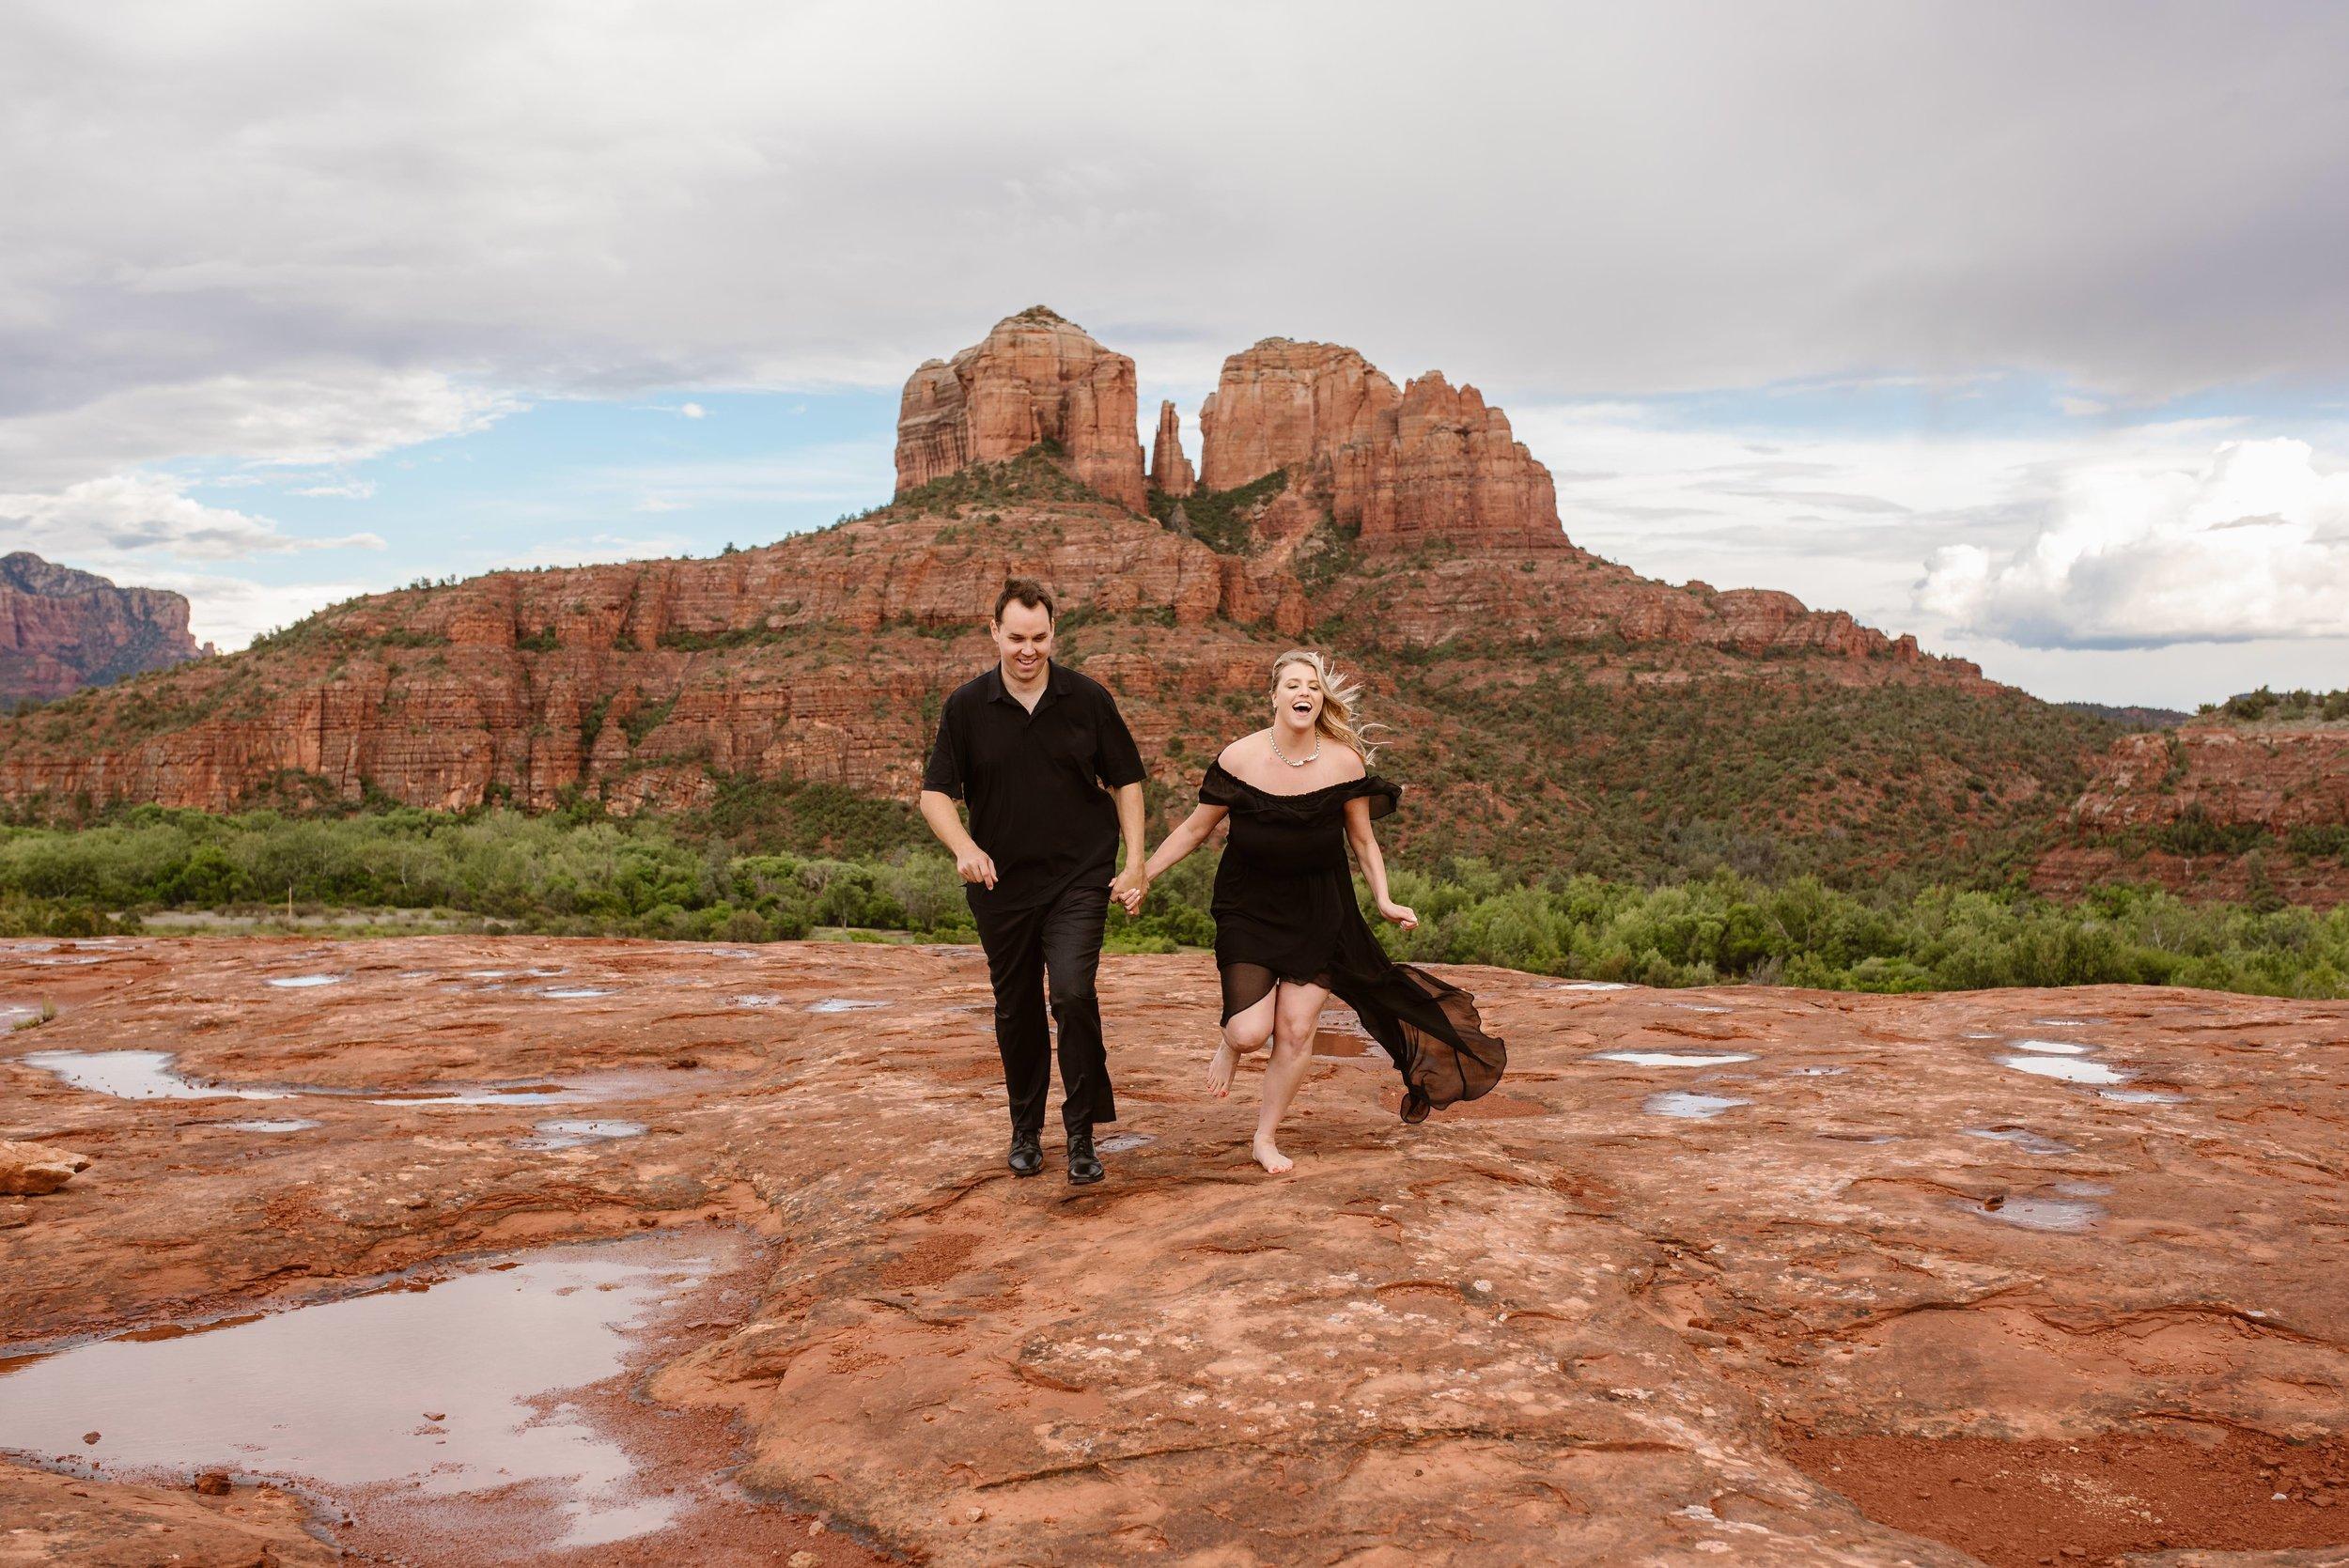 adventure-couples-sedona